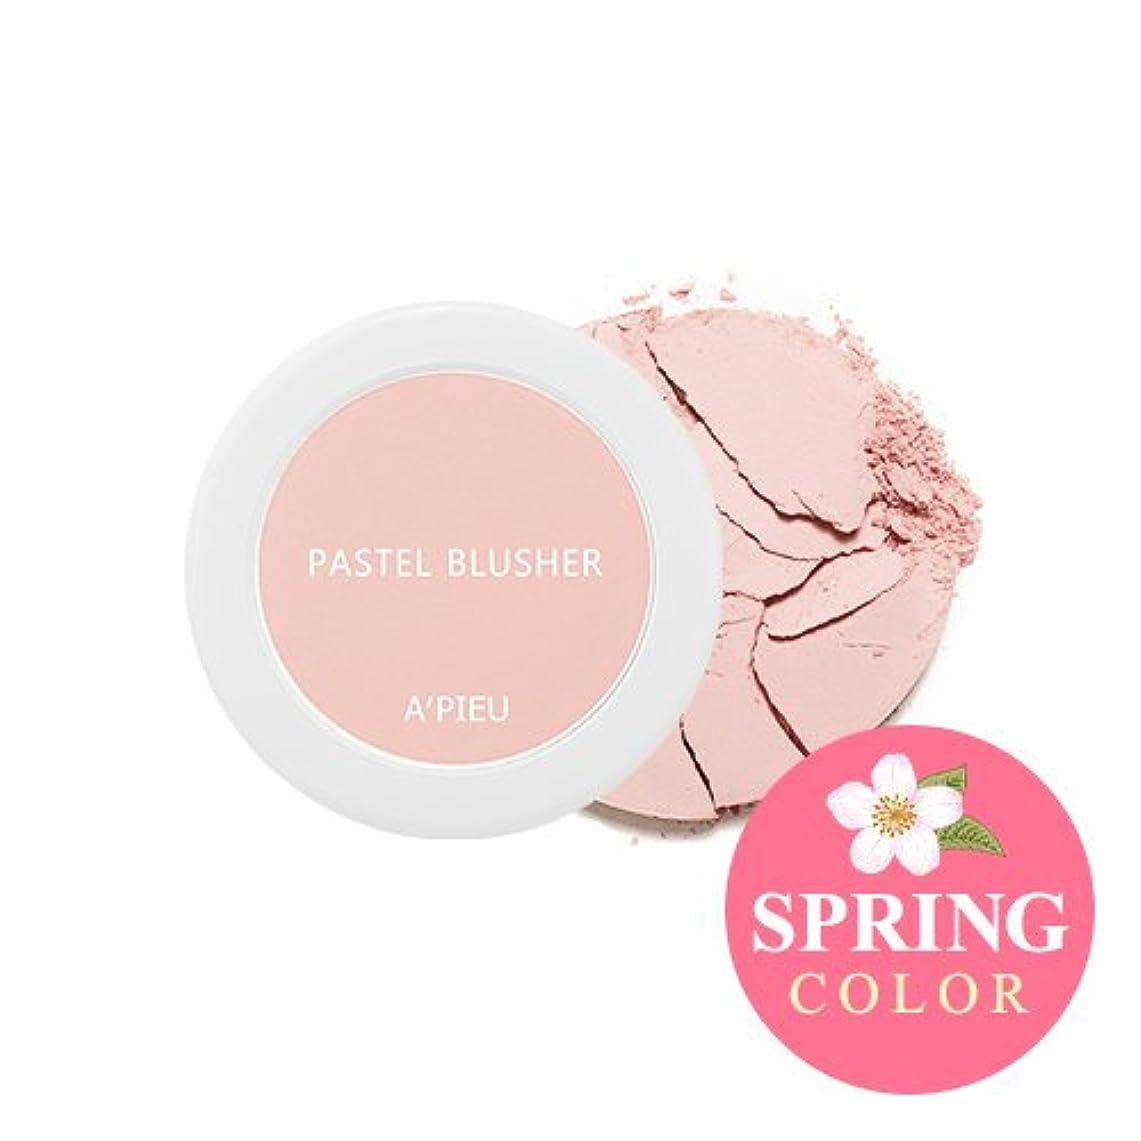 取り壊す放射能疎外するA'PIEU Pastel Blusher #PK07 [アピュ/オピュ]パステル ブラッシャー #PK07 [並行輸入品]